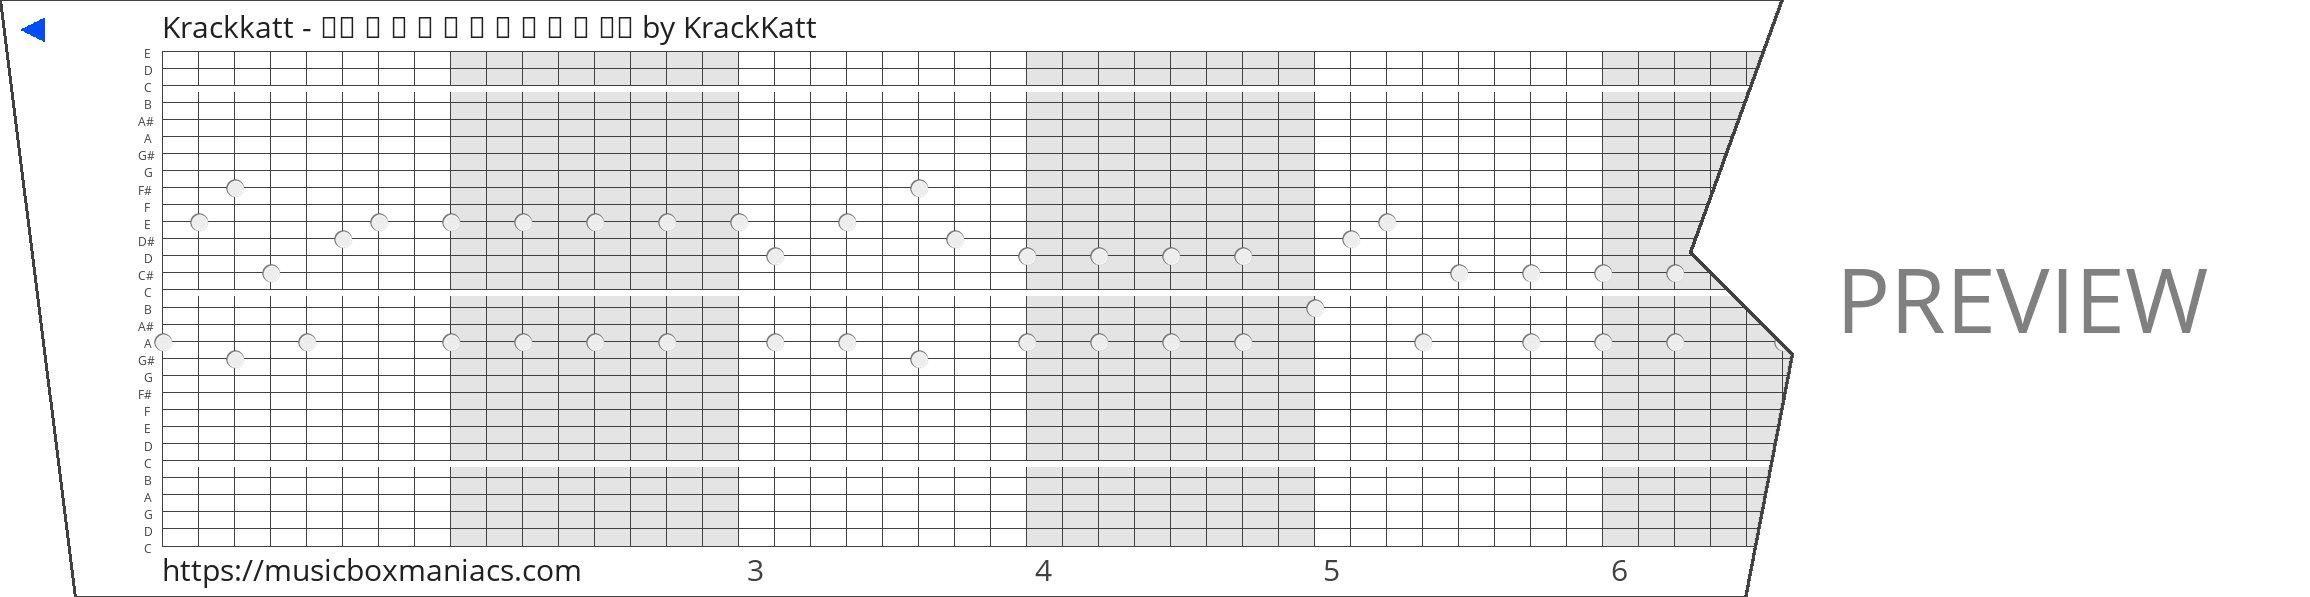 Krackkatt - ミ★ 𝘚 𝘜 𝘎 𝘈 𝘙 𝘙 𝘖 𝘗 𝘌 ★彡 30 note music box paper strip